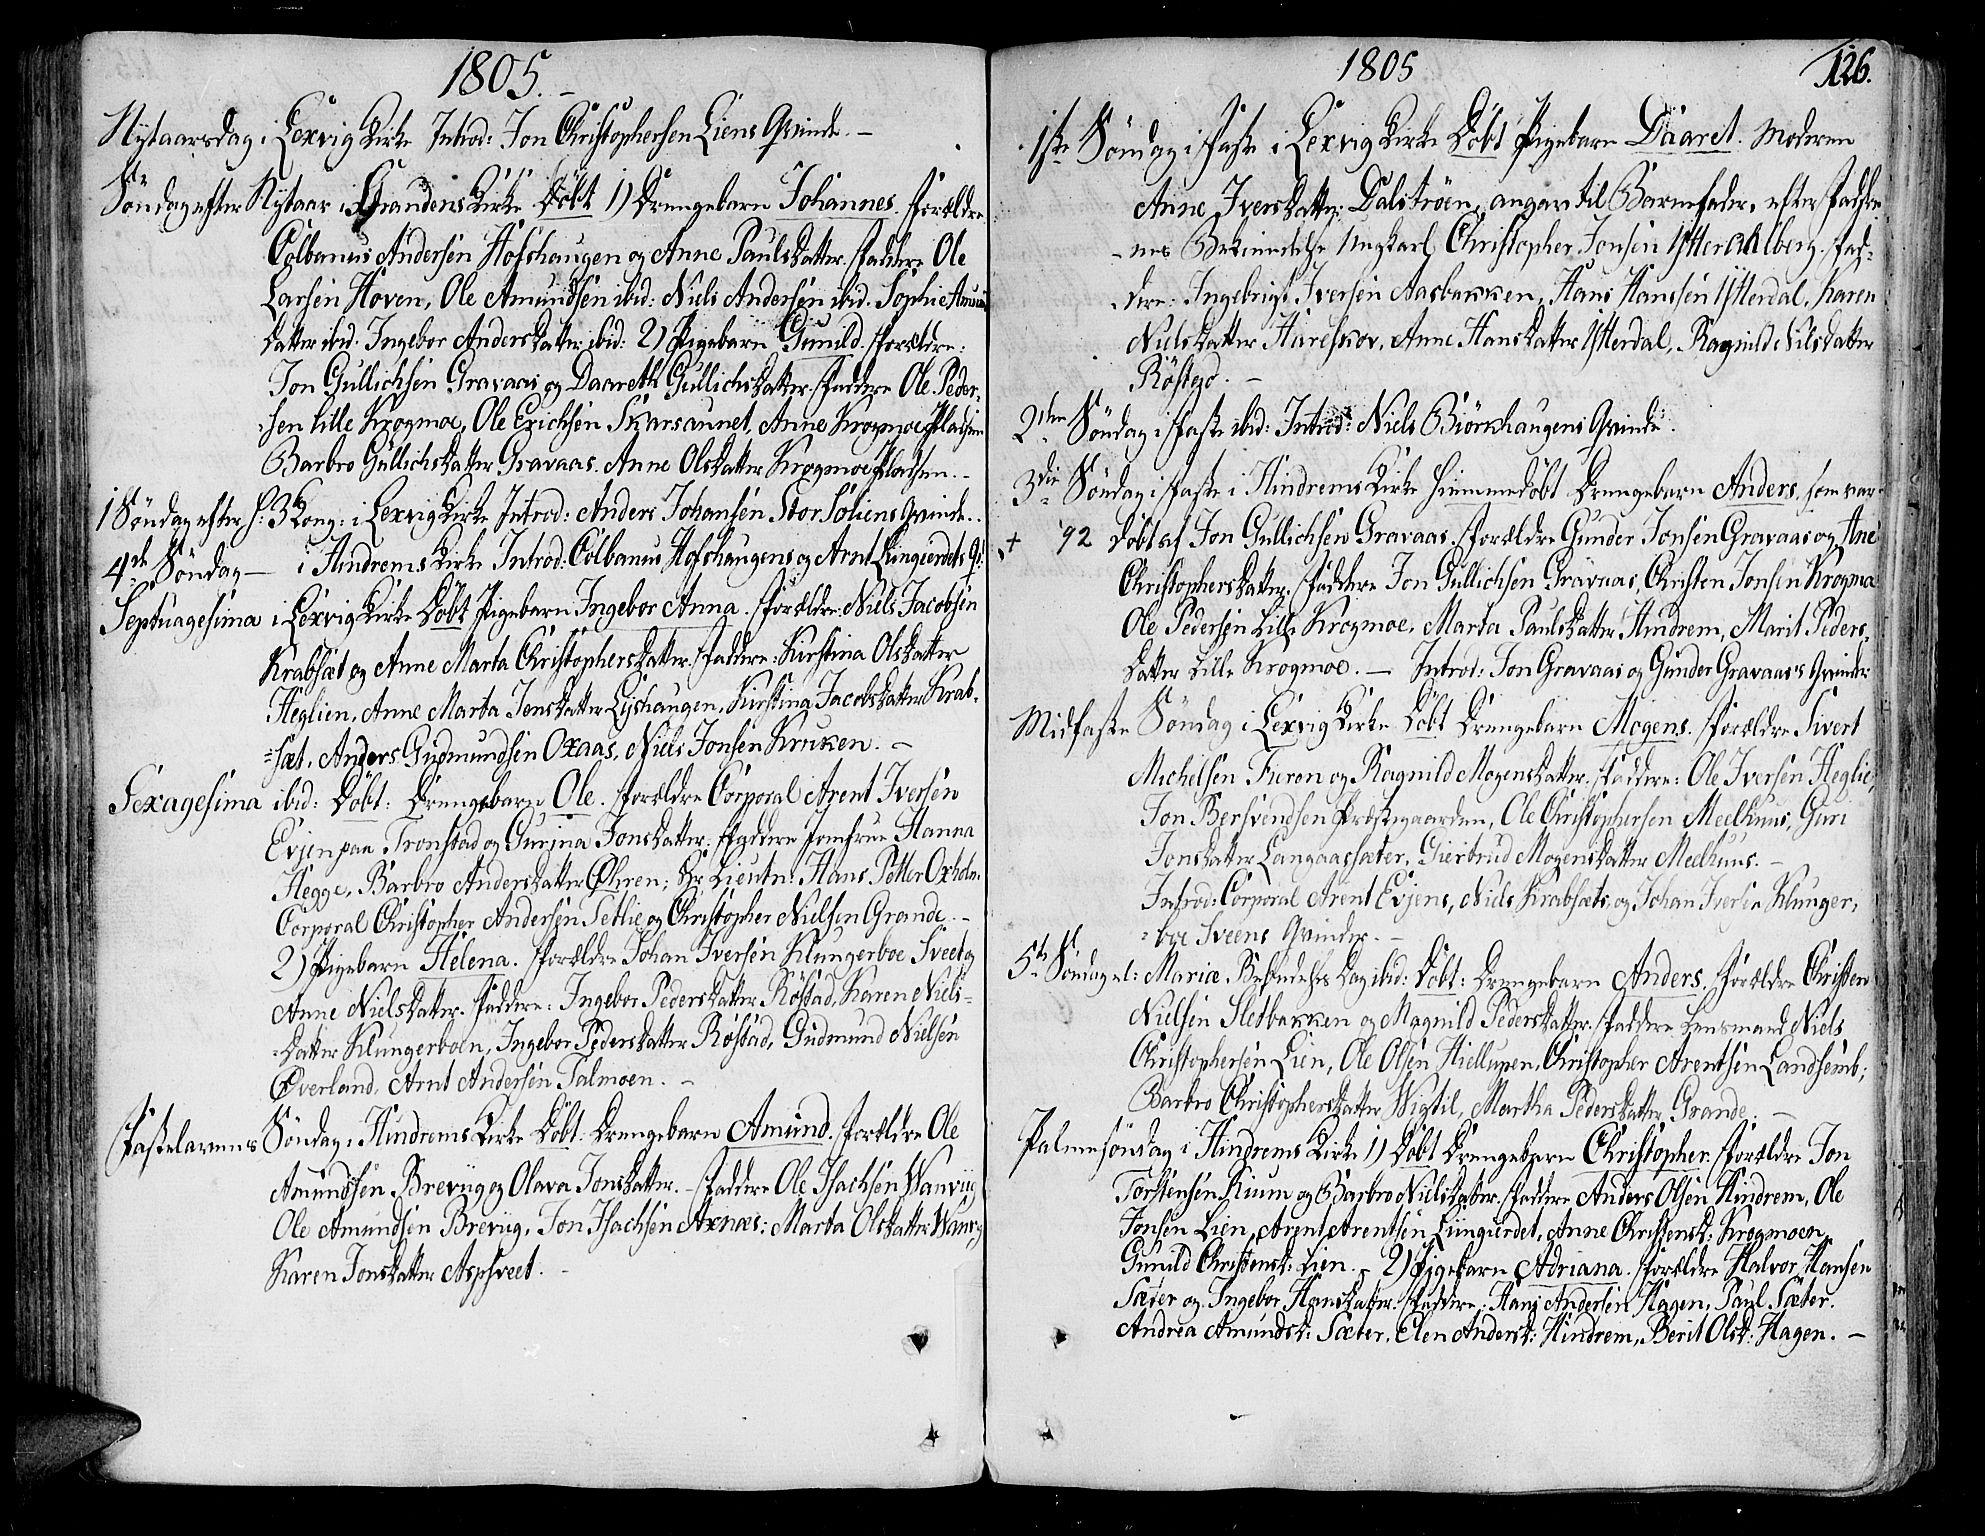 SAT, Ministerialprotokoller, klokkerbøker og fødselsregistre - Nord-Trøndelag, 701/L0004: Ministerialbok nr. 701A04, 1783-1816, s. 126